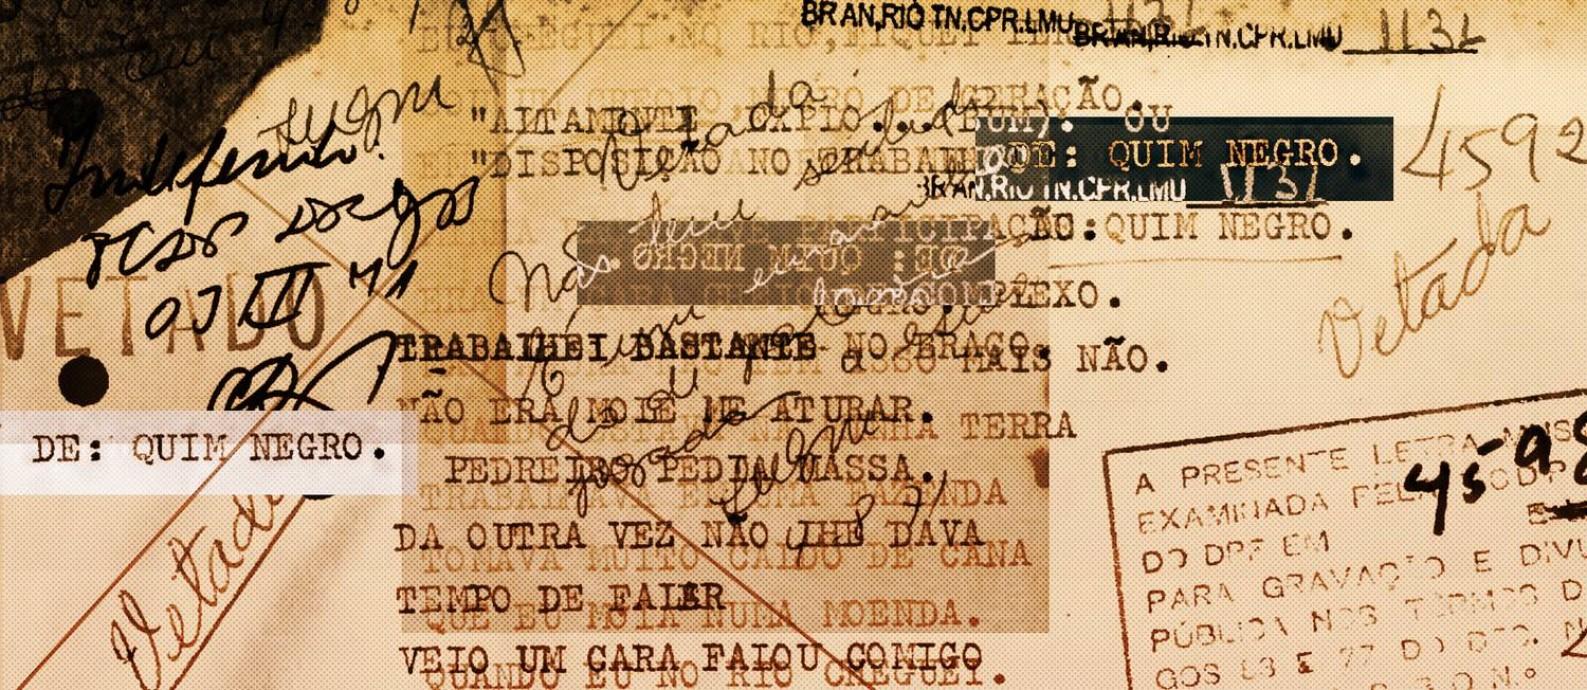 Quim Negro enviou 108 músicas para avaliação da censura em 1971 e 1972, dos quais dez foram vetados. Foto: Reprodução